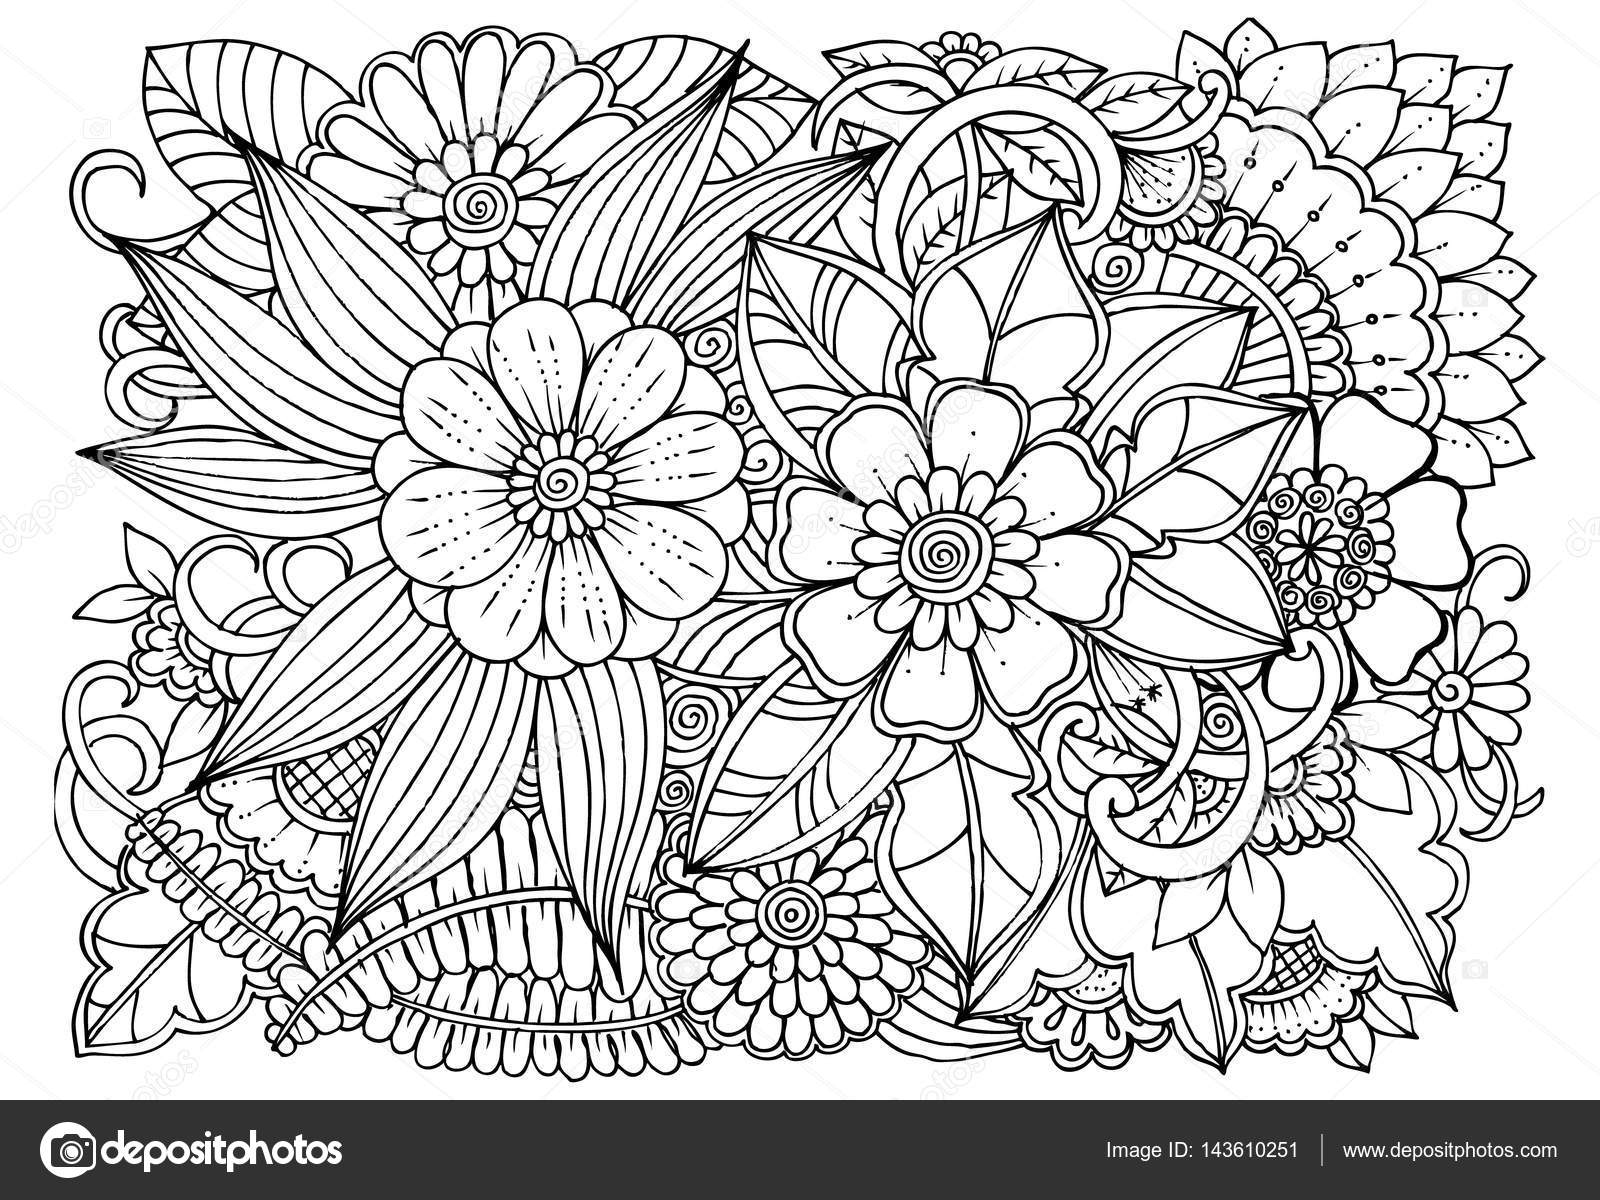 Imagenes De Flores Para Colorear Bonitas: Cómo Dibujar Una Margarita Dibujos De Flores Para Niños